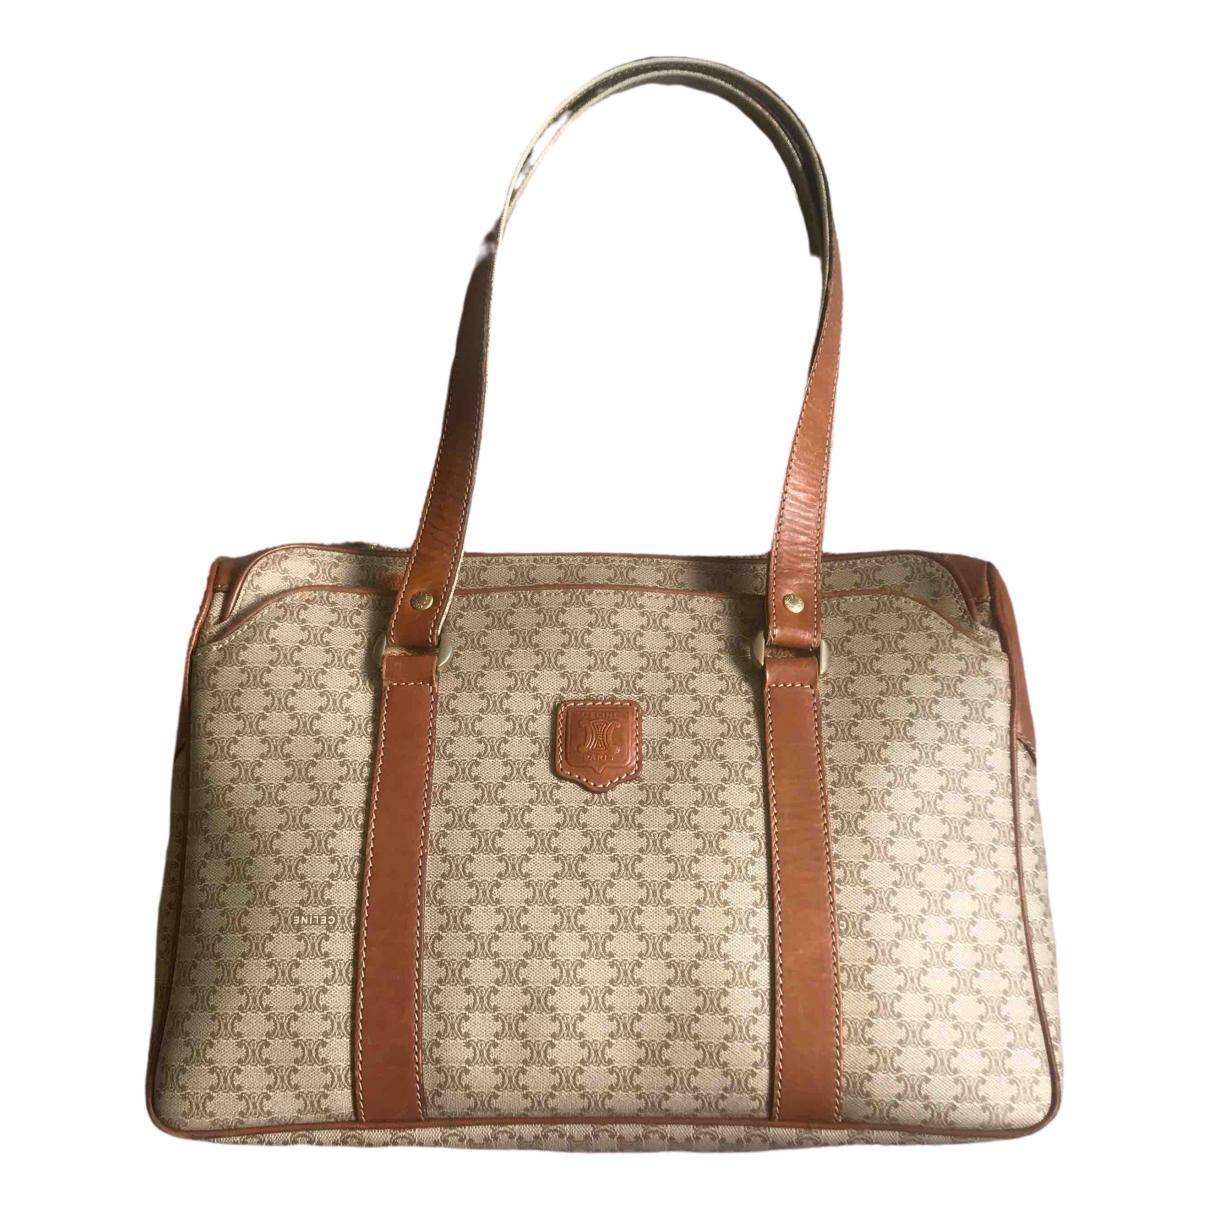 Celine \N Handtasche in  Beige Synthetik